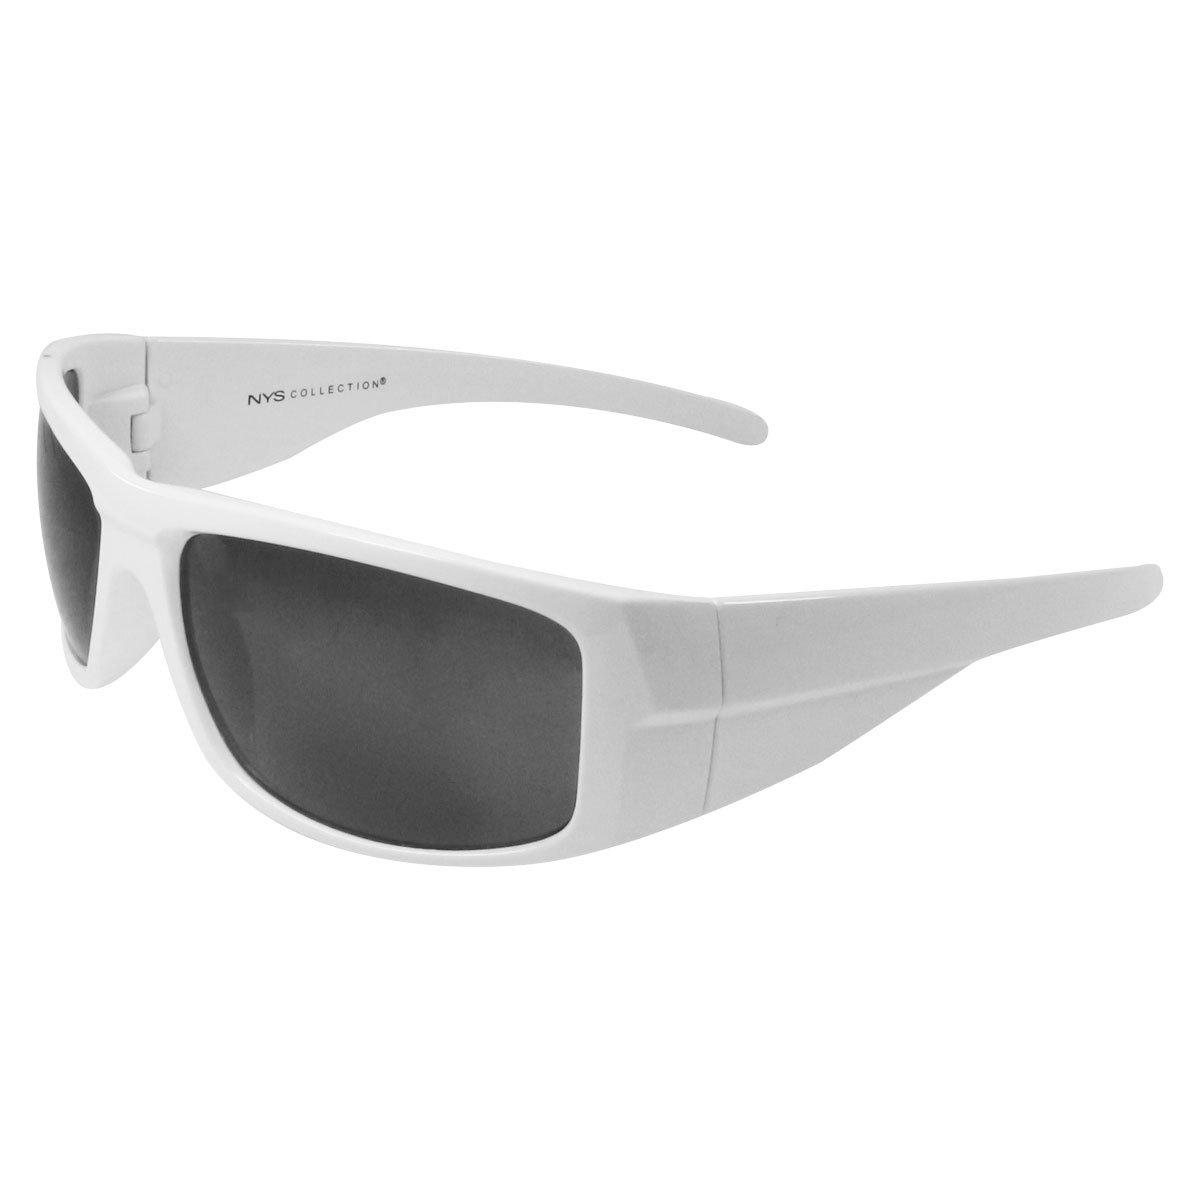 Óculos NYS Collection 0117-77 - Compre Agora   Netshoes aa18868bdc